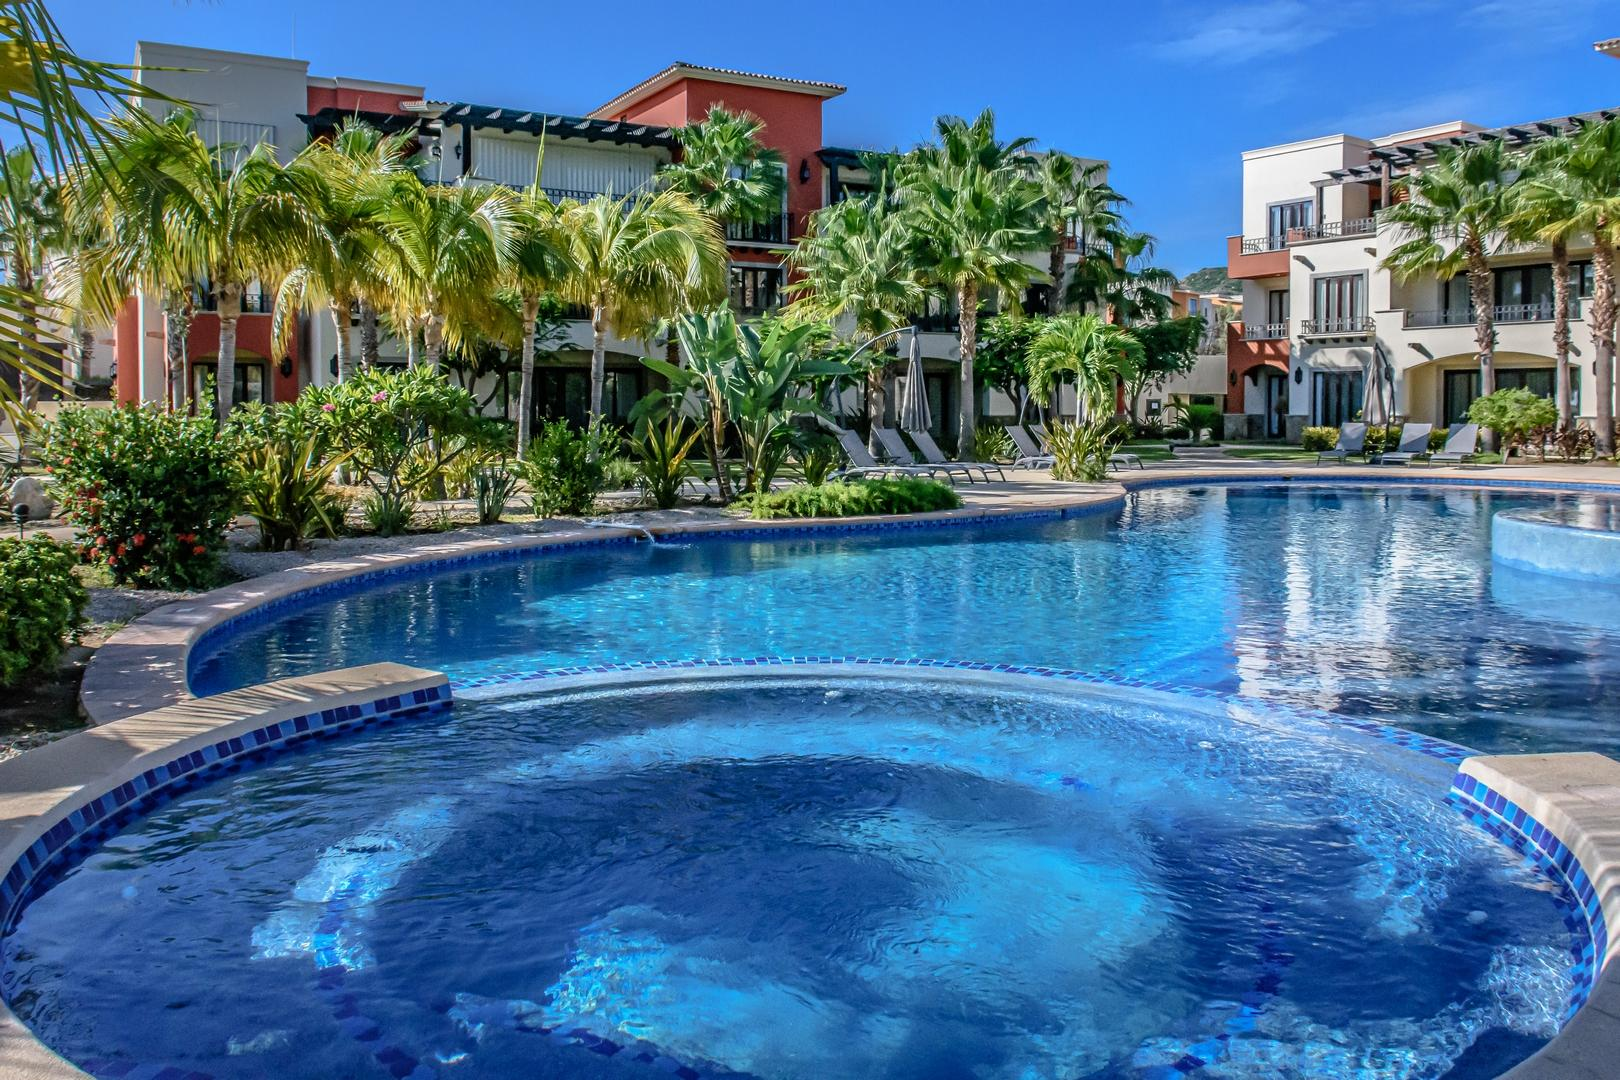 Las Villas De Mexico, San Jose del Cabo